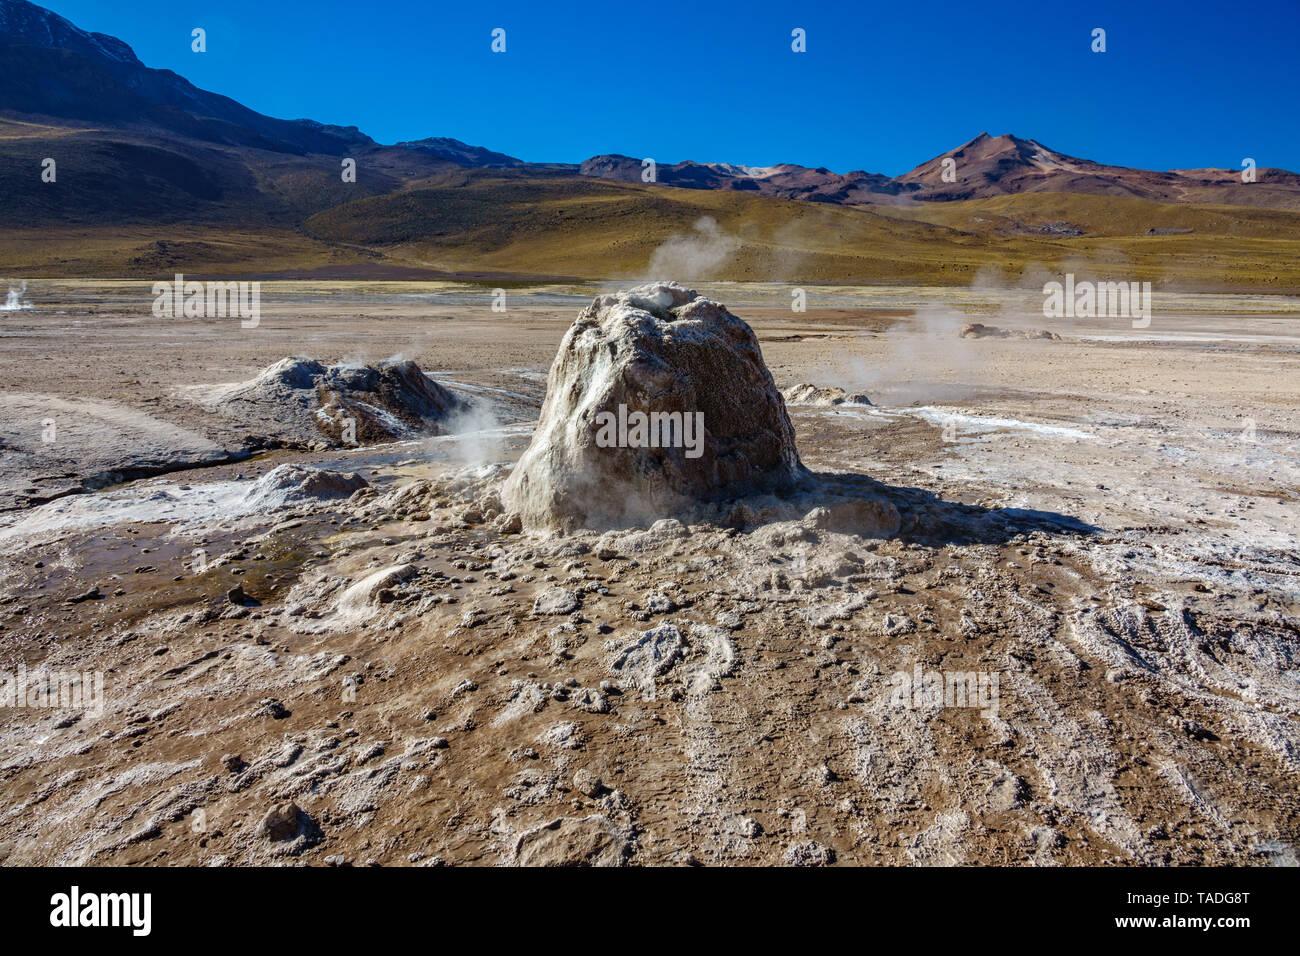 Active Geyser detailed view in El Tatio, Atacama, Chile - Stock Image